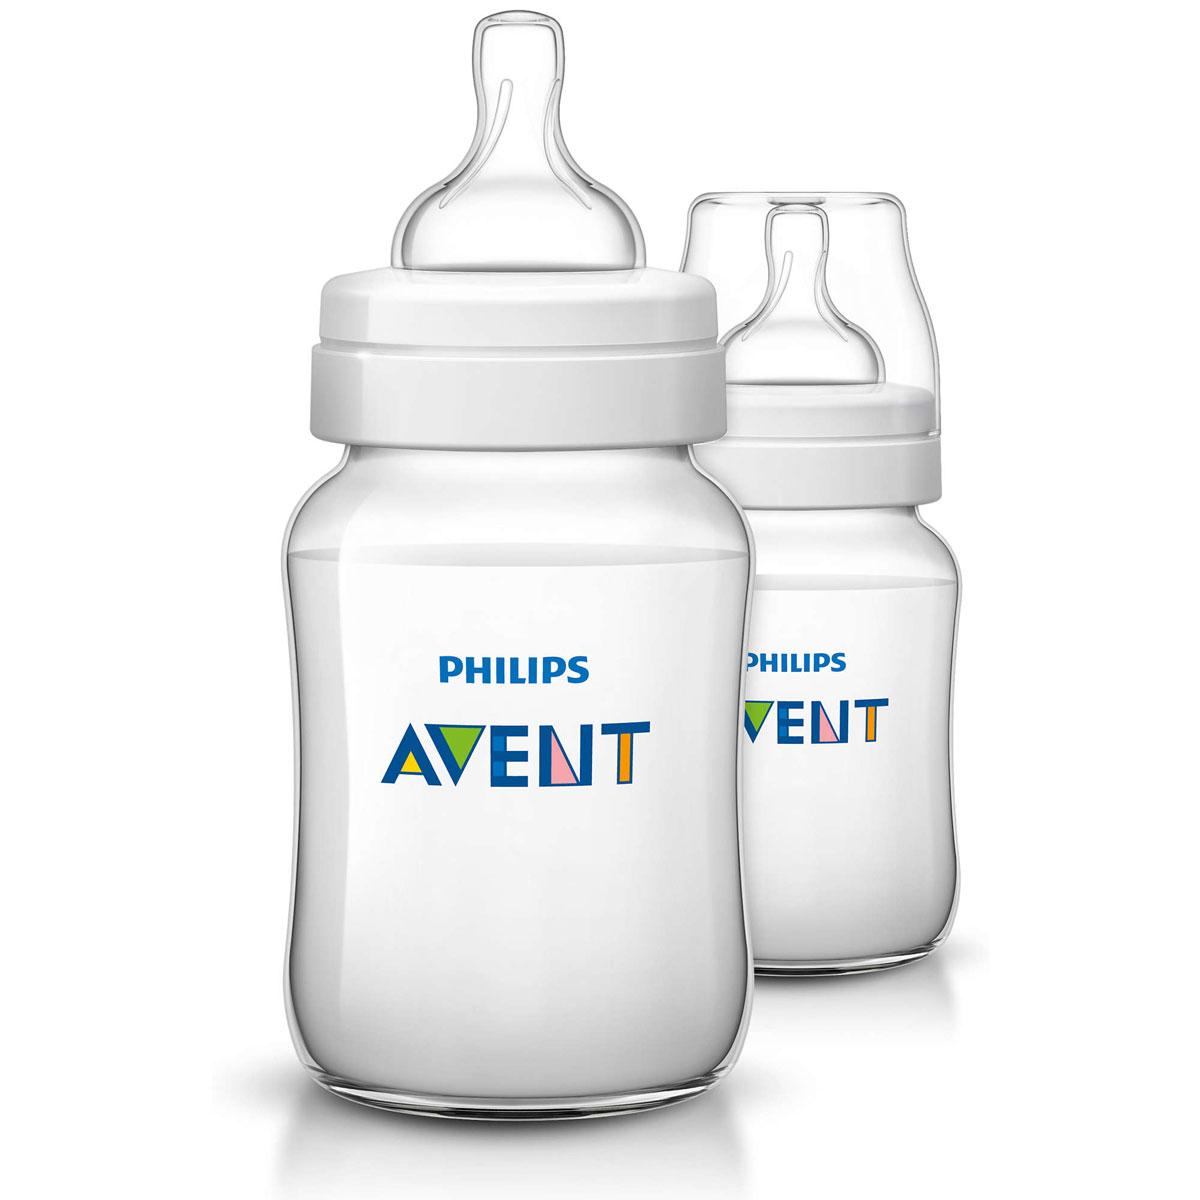 Philips Avent Бутылочка 260 мл, 2 шт. Соска с медленным потоком для детей от 1 месяца SCF563/27 -  Бутылочки